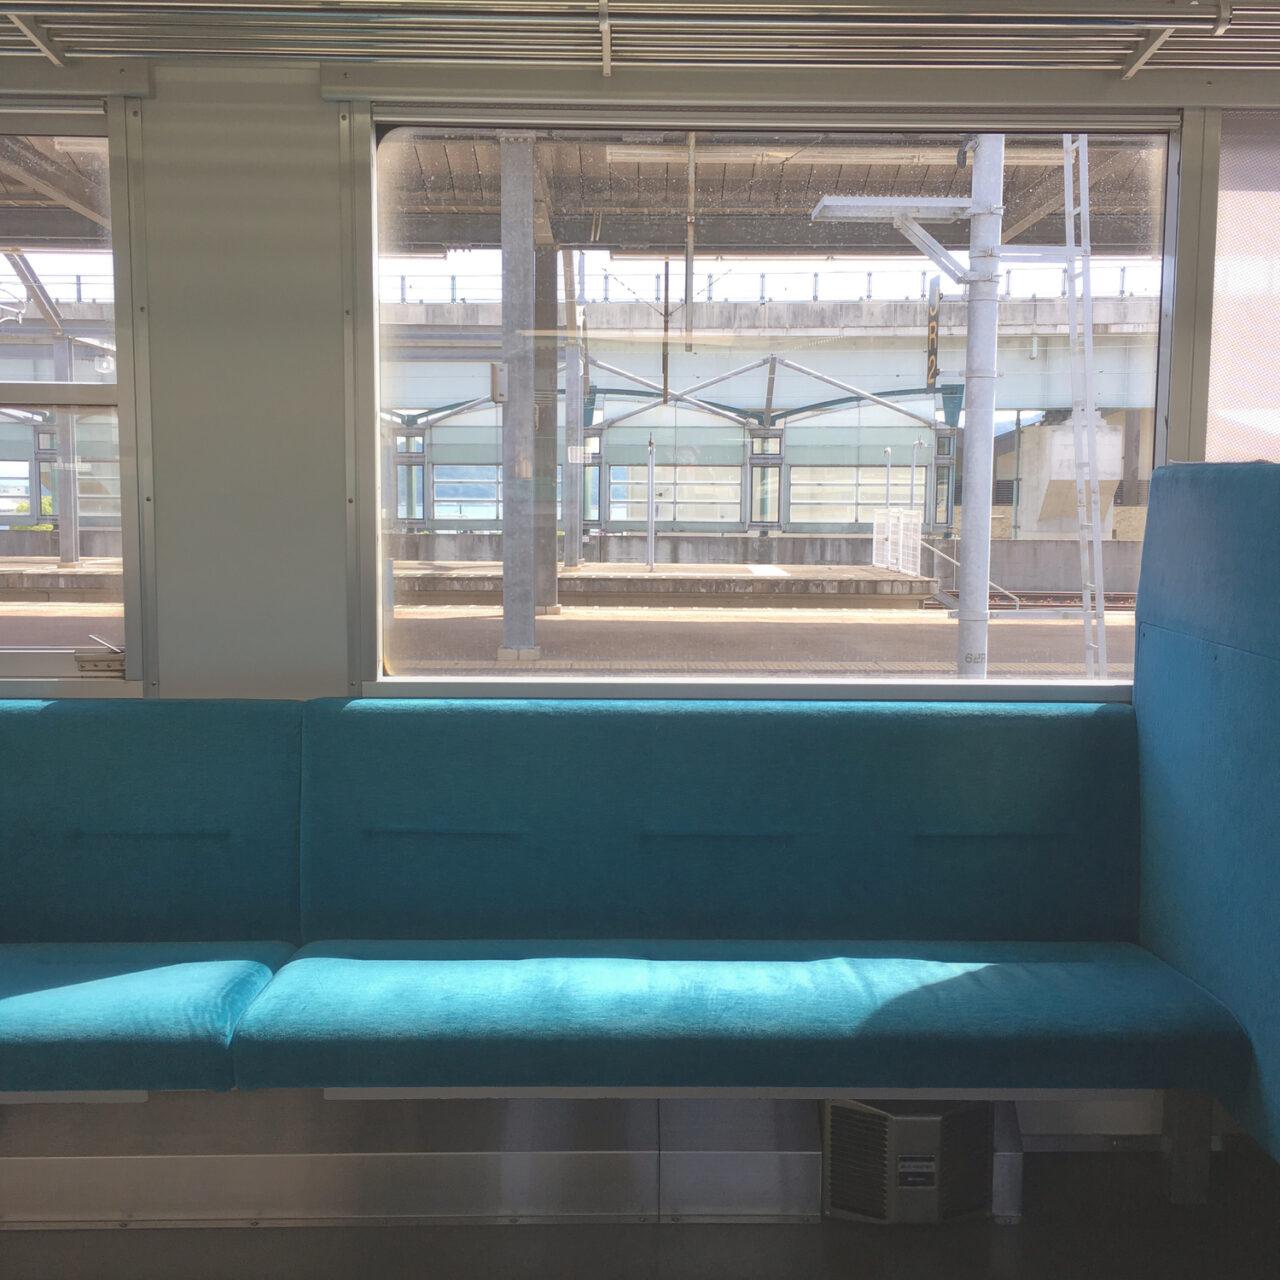 電車の中でやりがちな人の肩でスヤスヤ。【ミッション】自分のエリア内で睡眠せよ